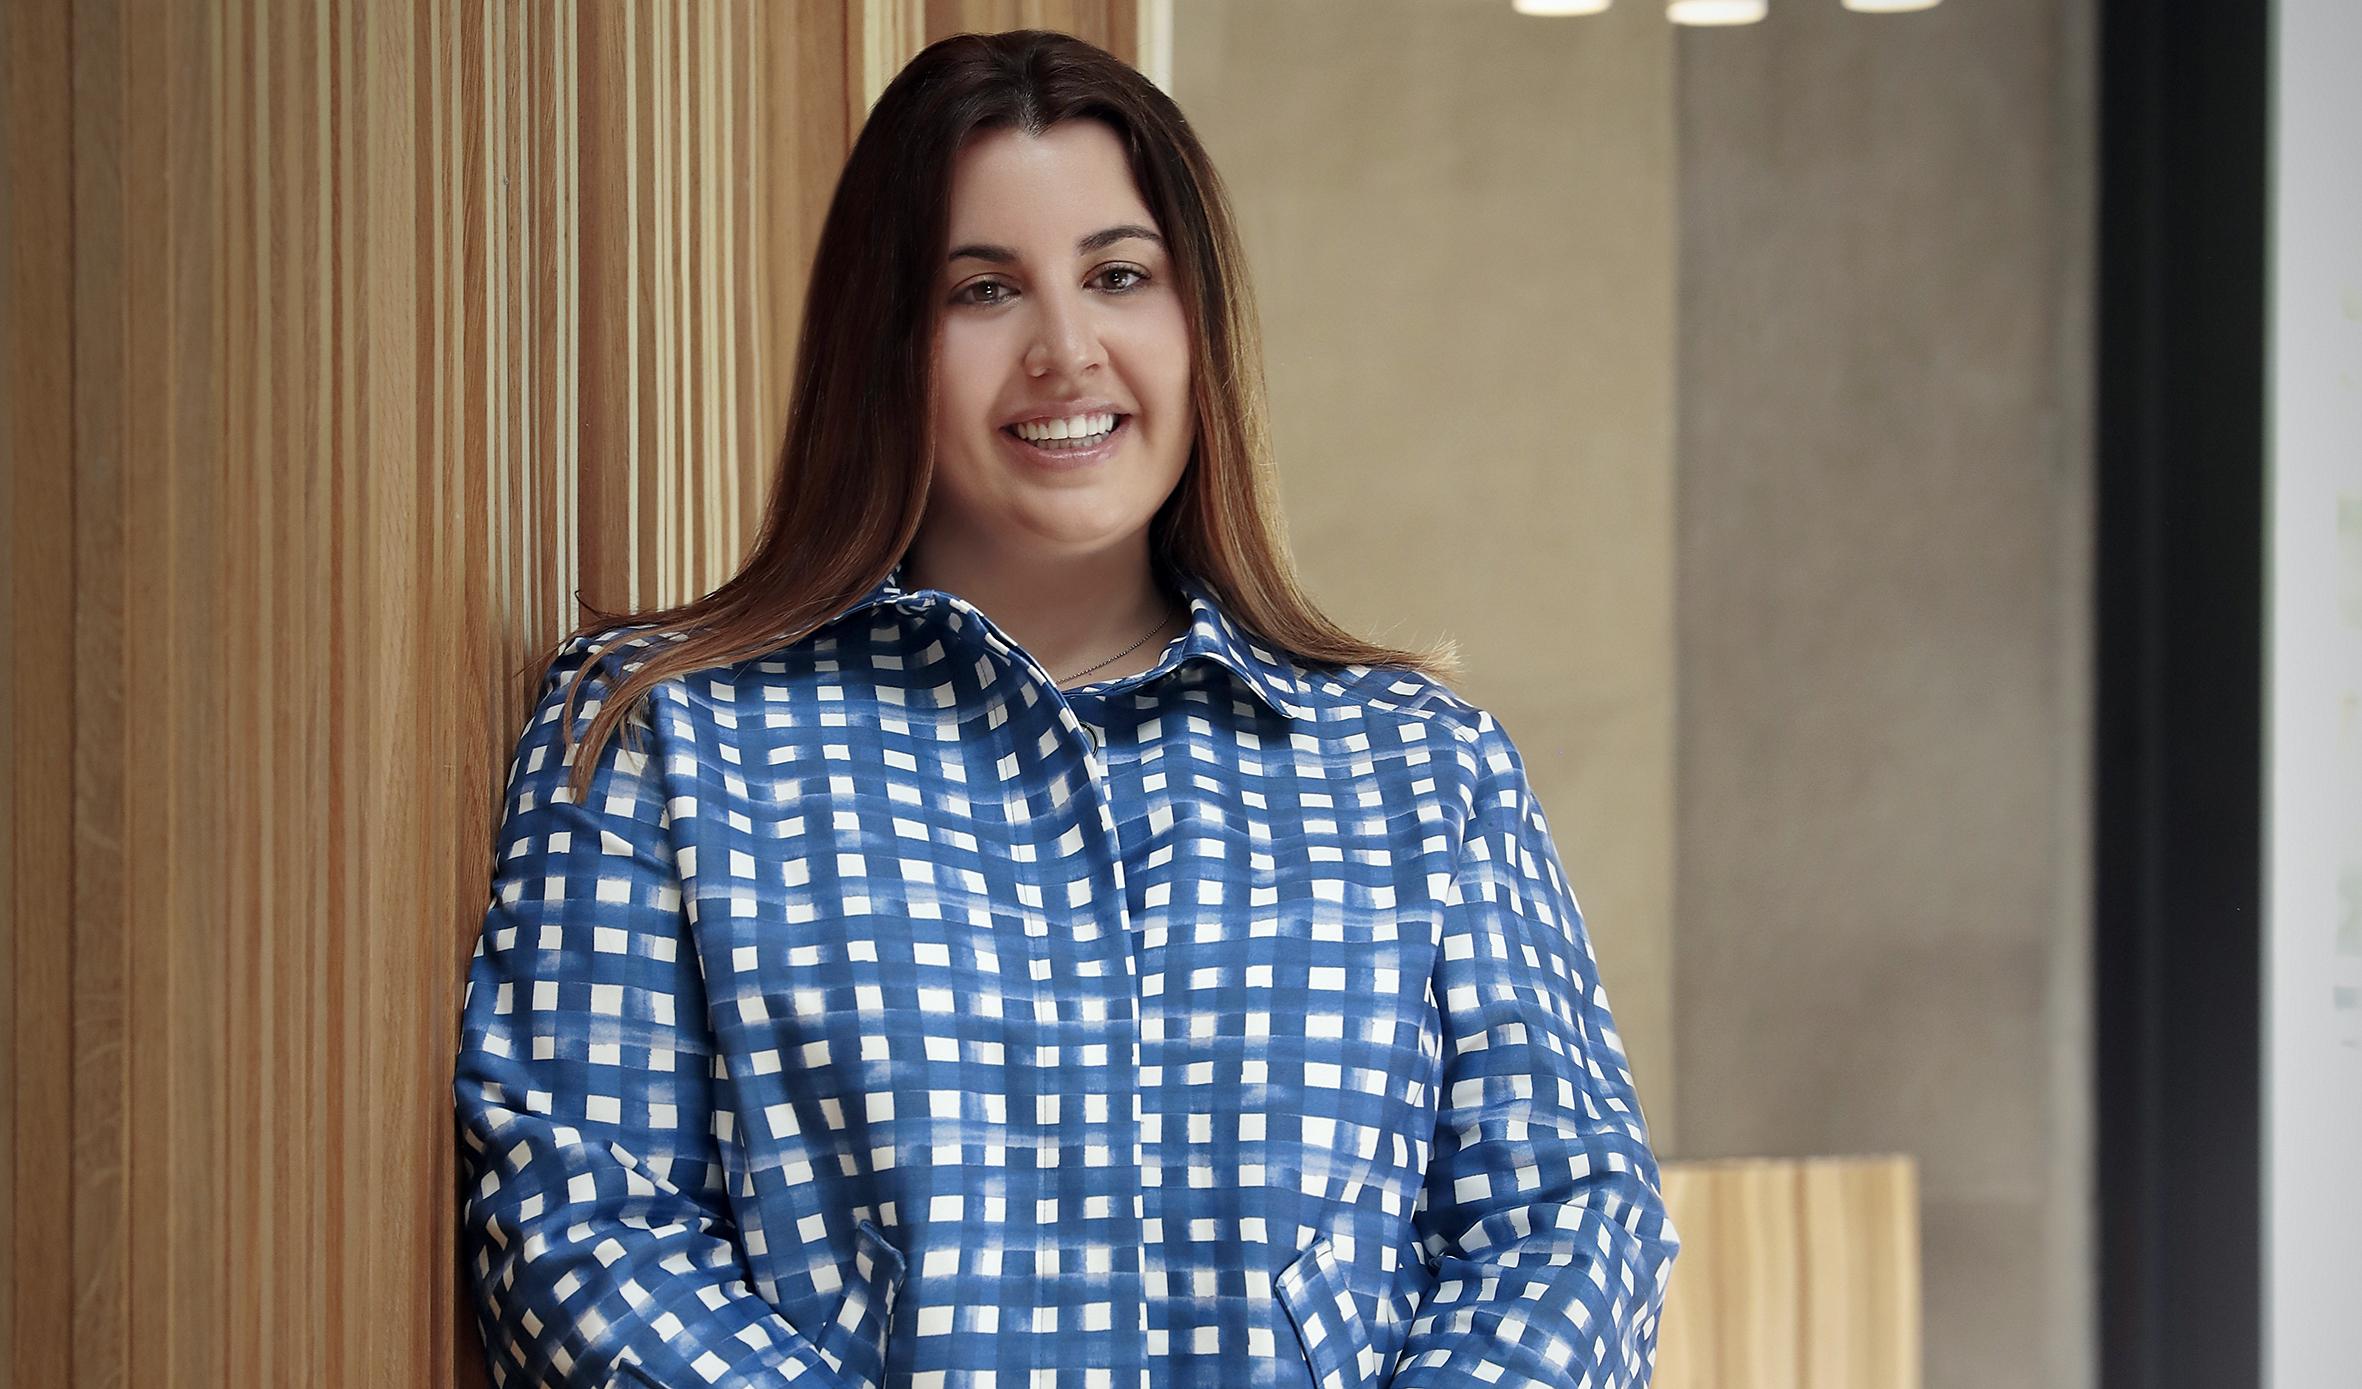 Cristina Martin, presidenta de la Asociación Española del Lujo – LUXURY SPAIN para la Contra de La Vanguardia